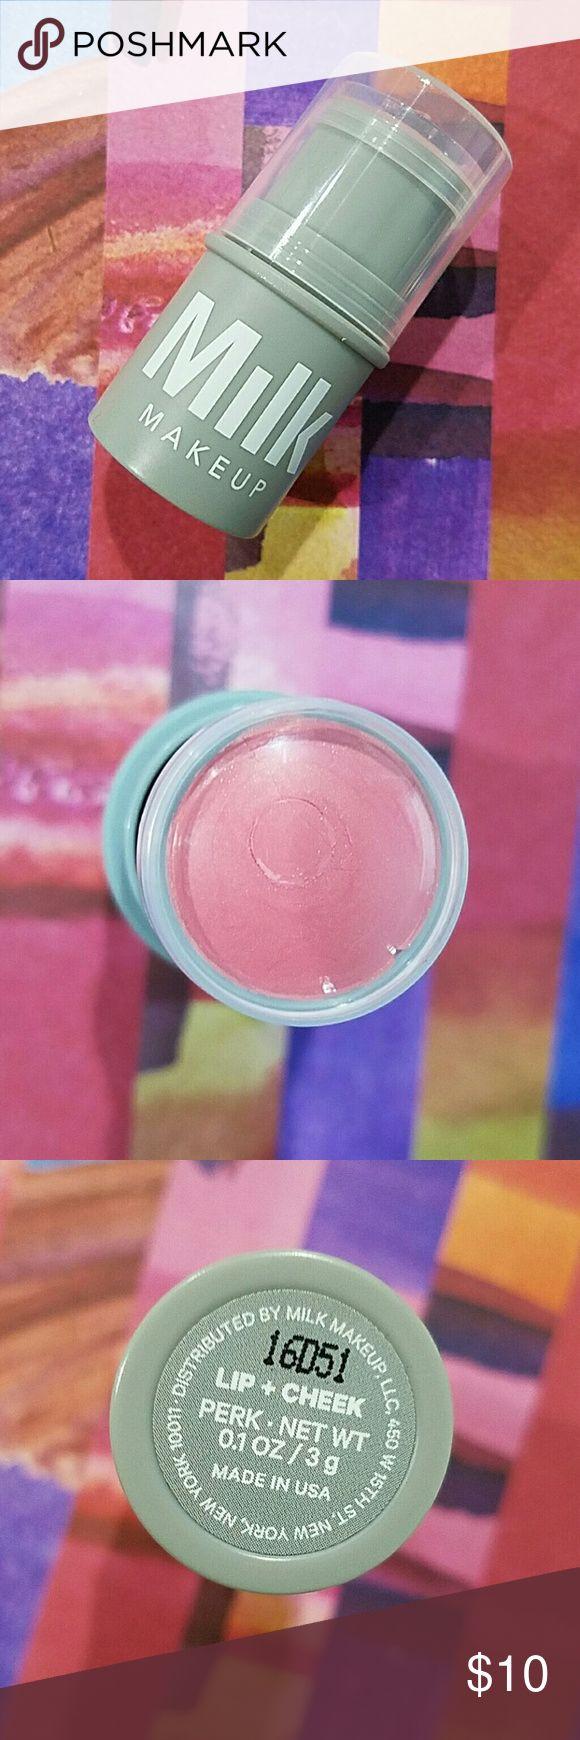 Milk Makeup Lip & Cheek in Perk Lips, Lip makeup